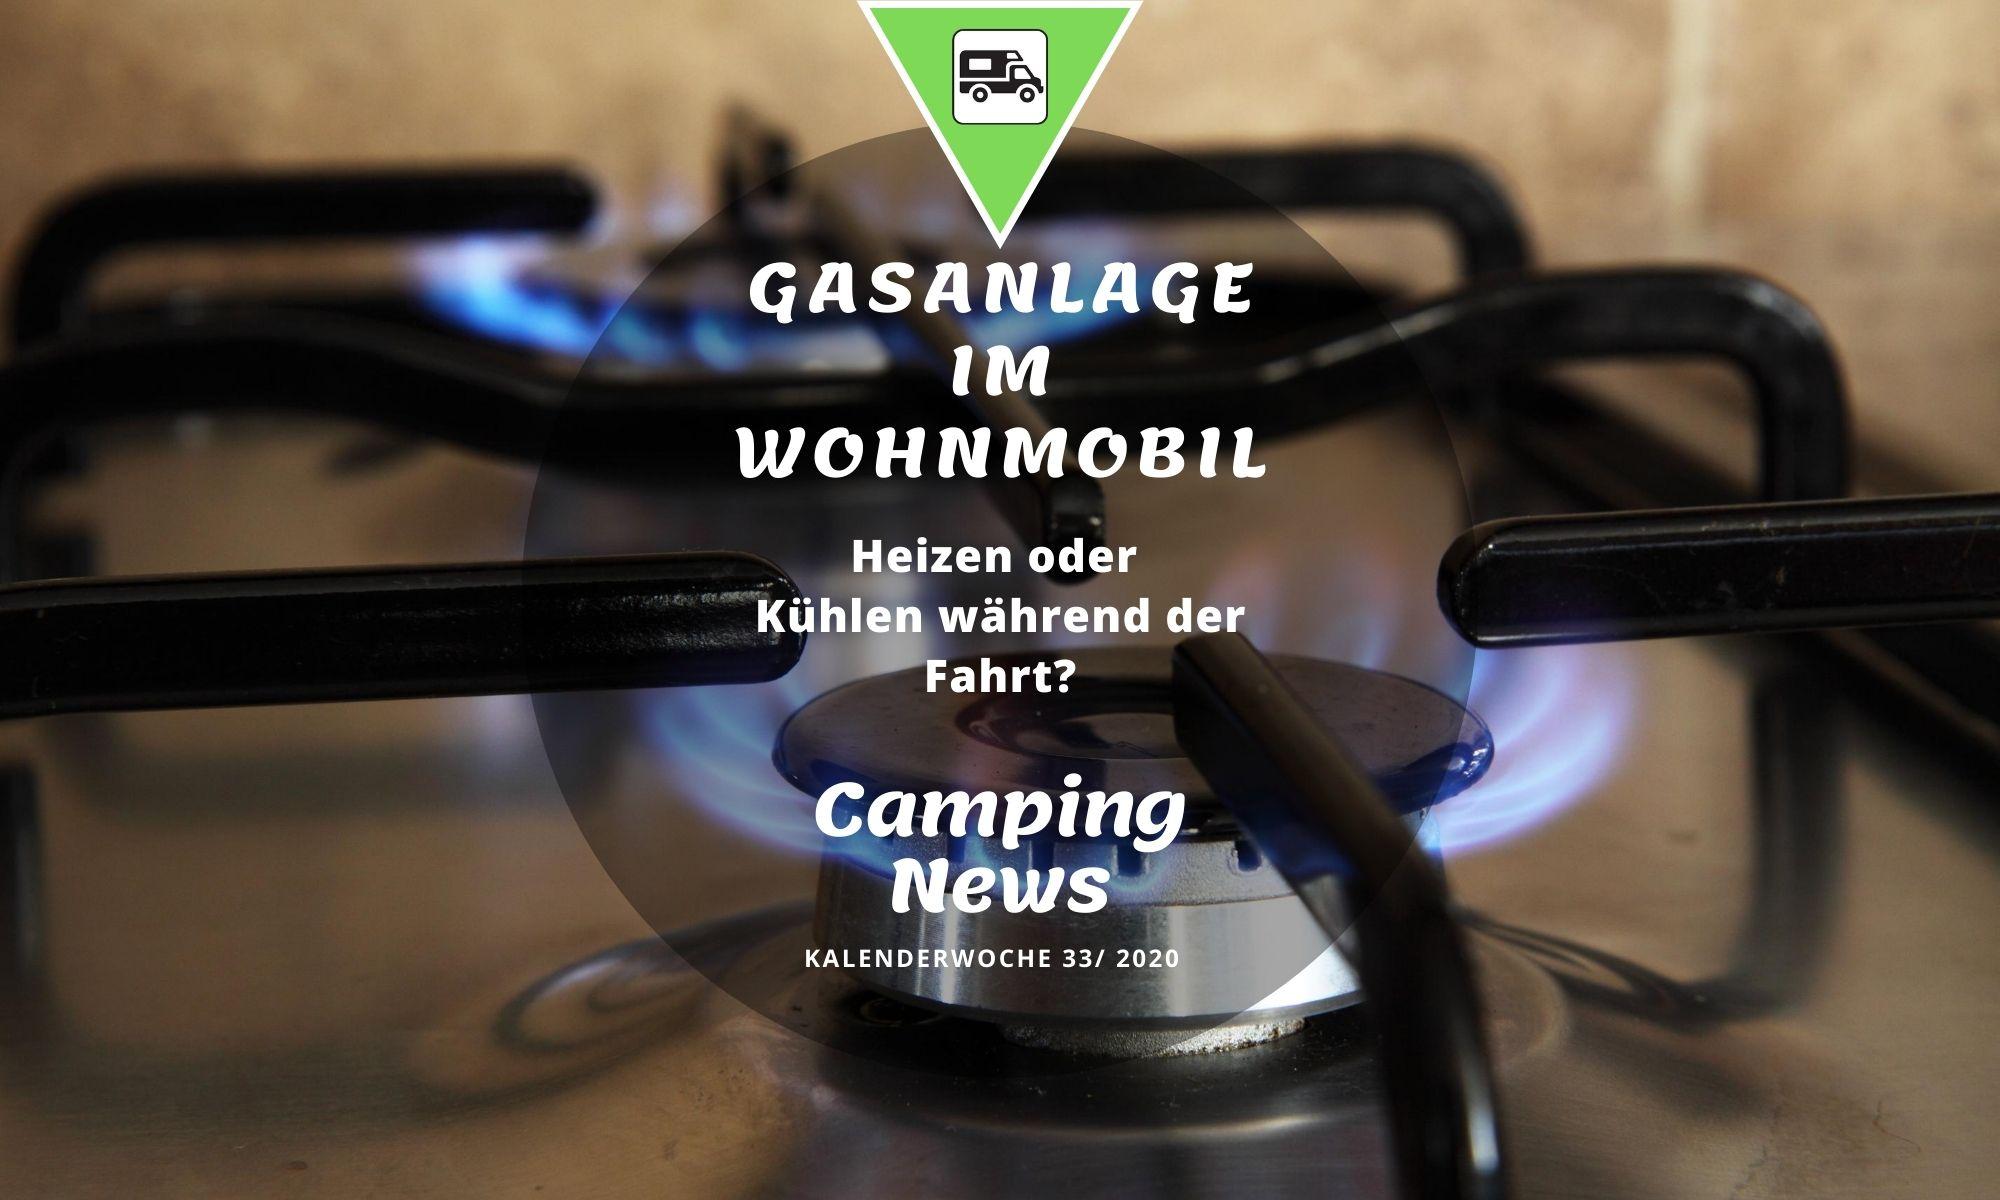 Gasanlage Wohnmobil